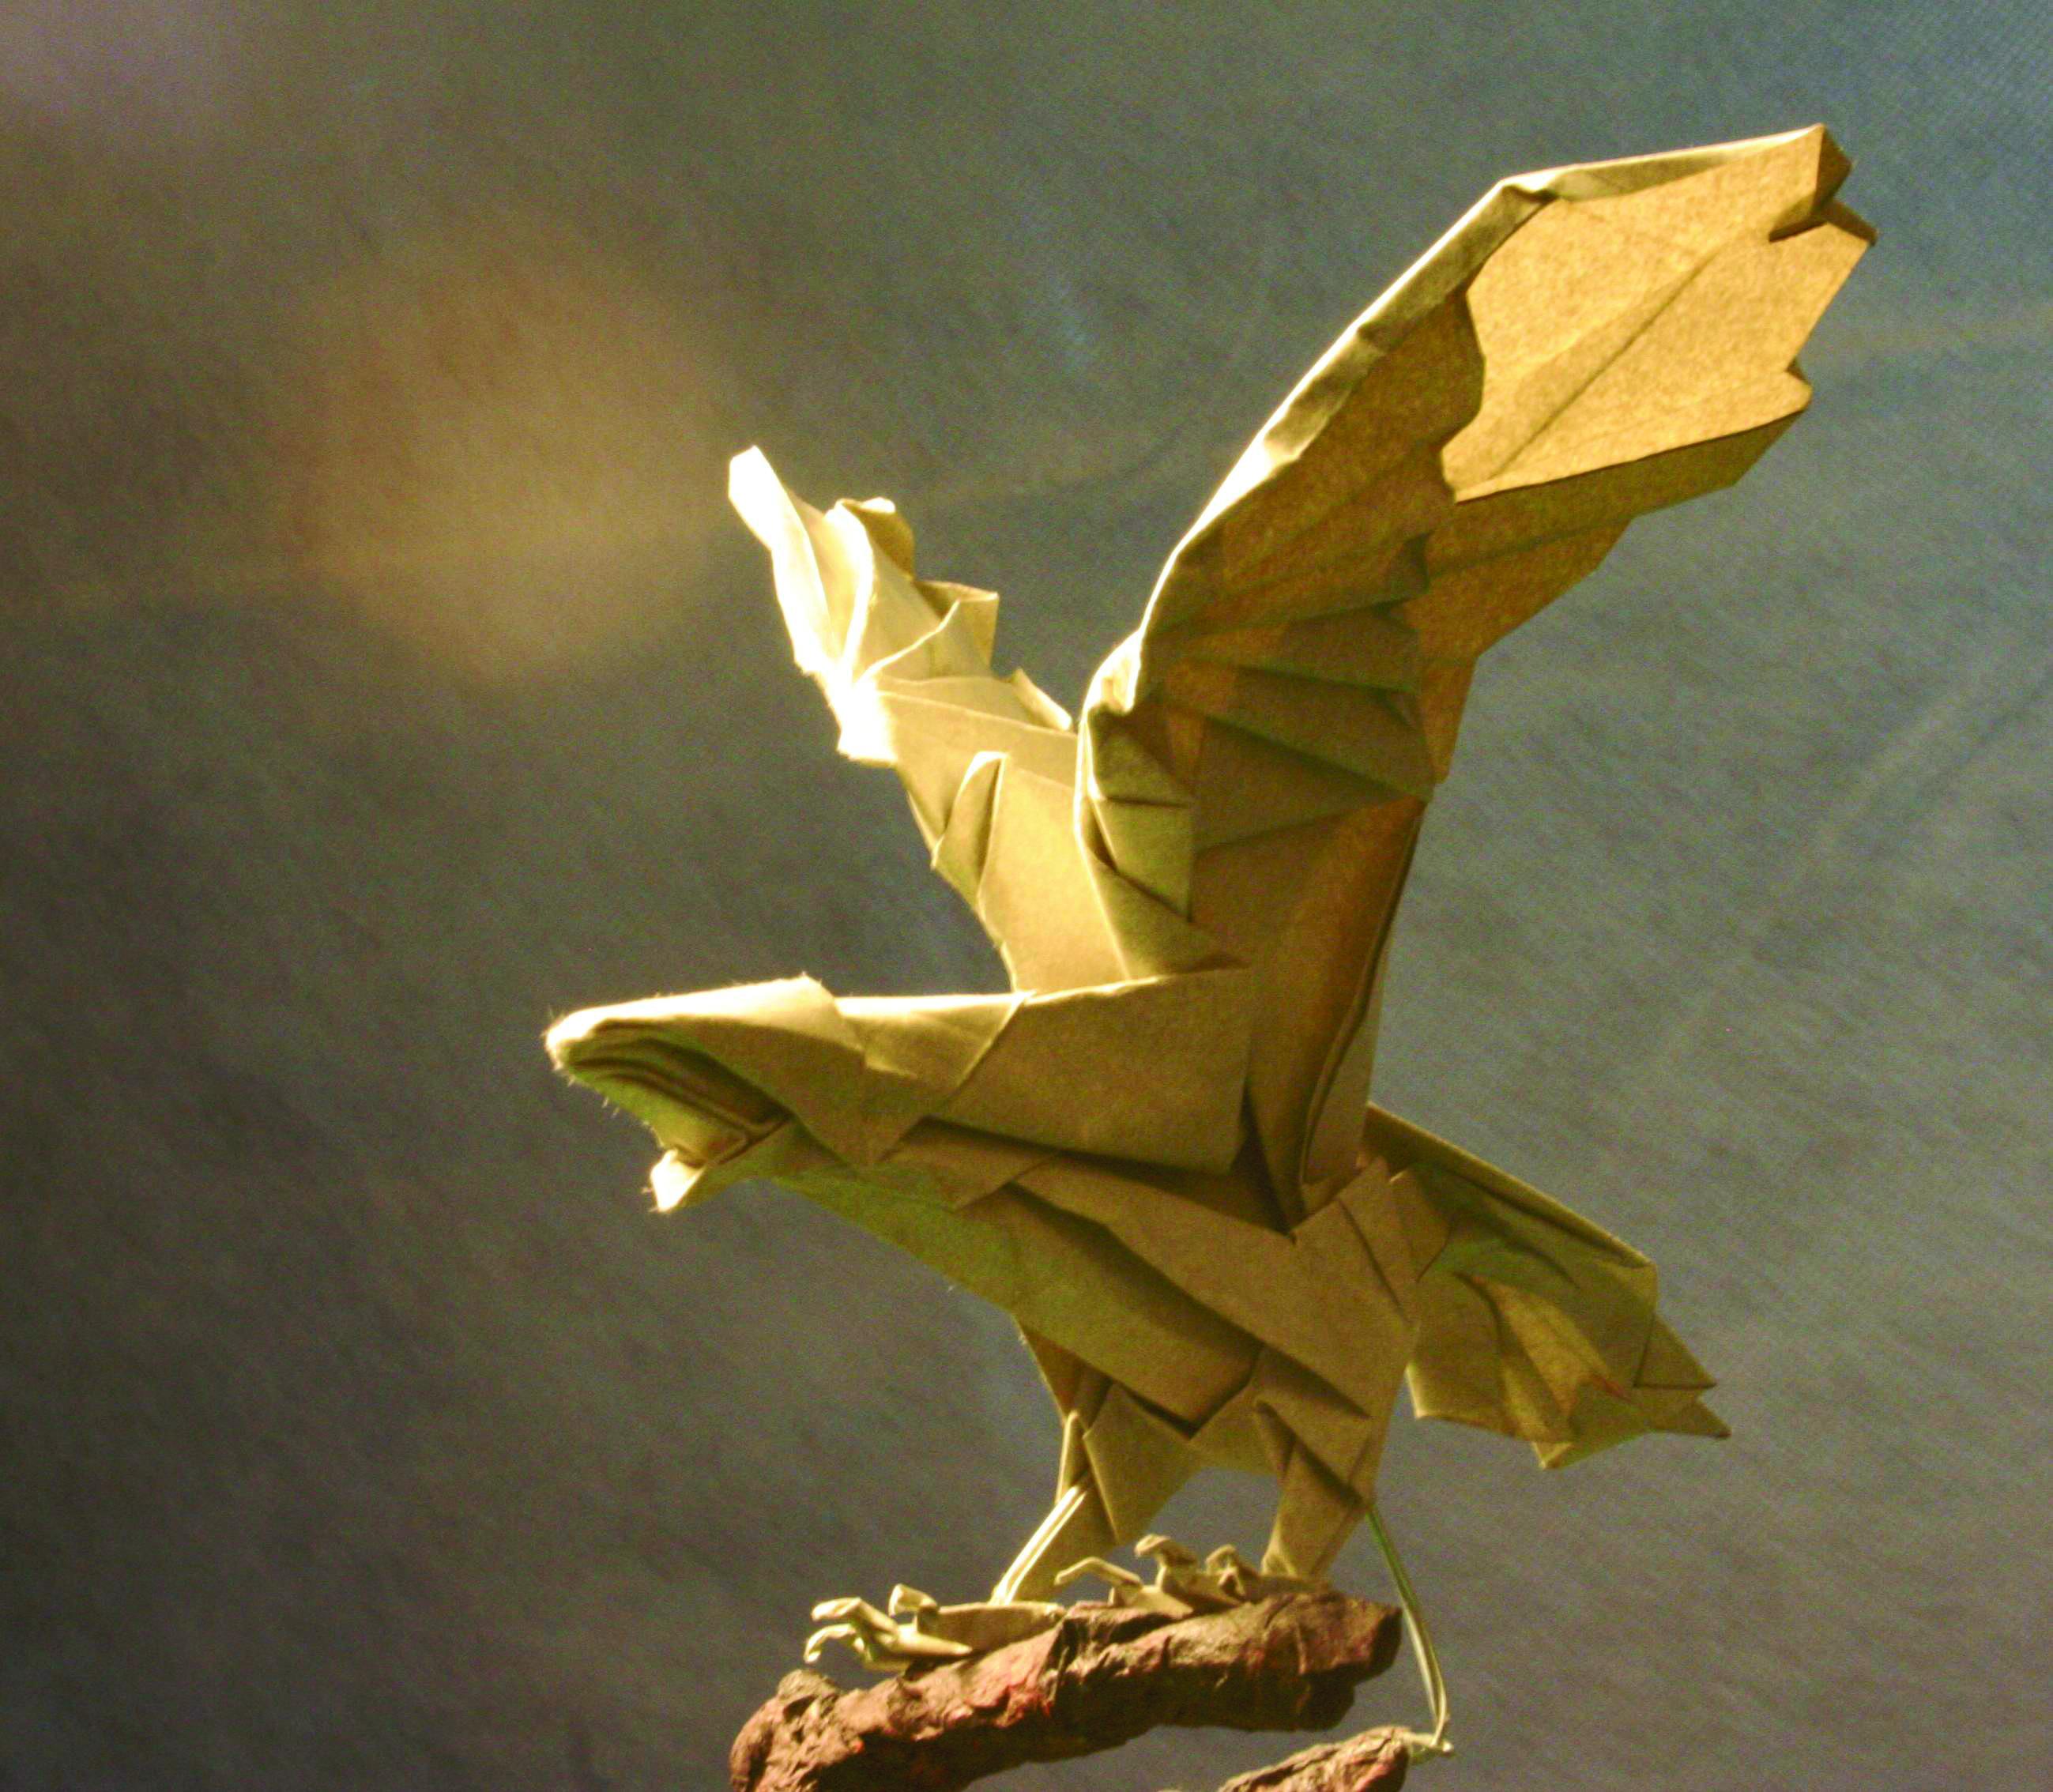 origami demonstration amazing paper sculptures japancentre blog. Black Bedroom Furniture Sets. Home Design Ideas